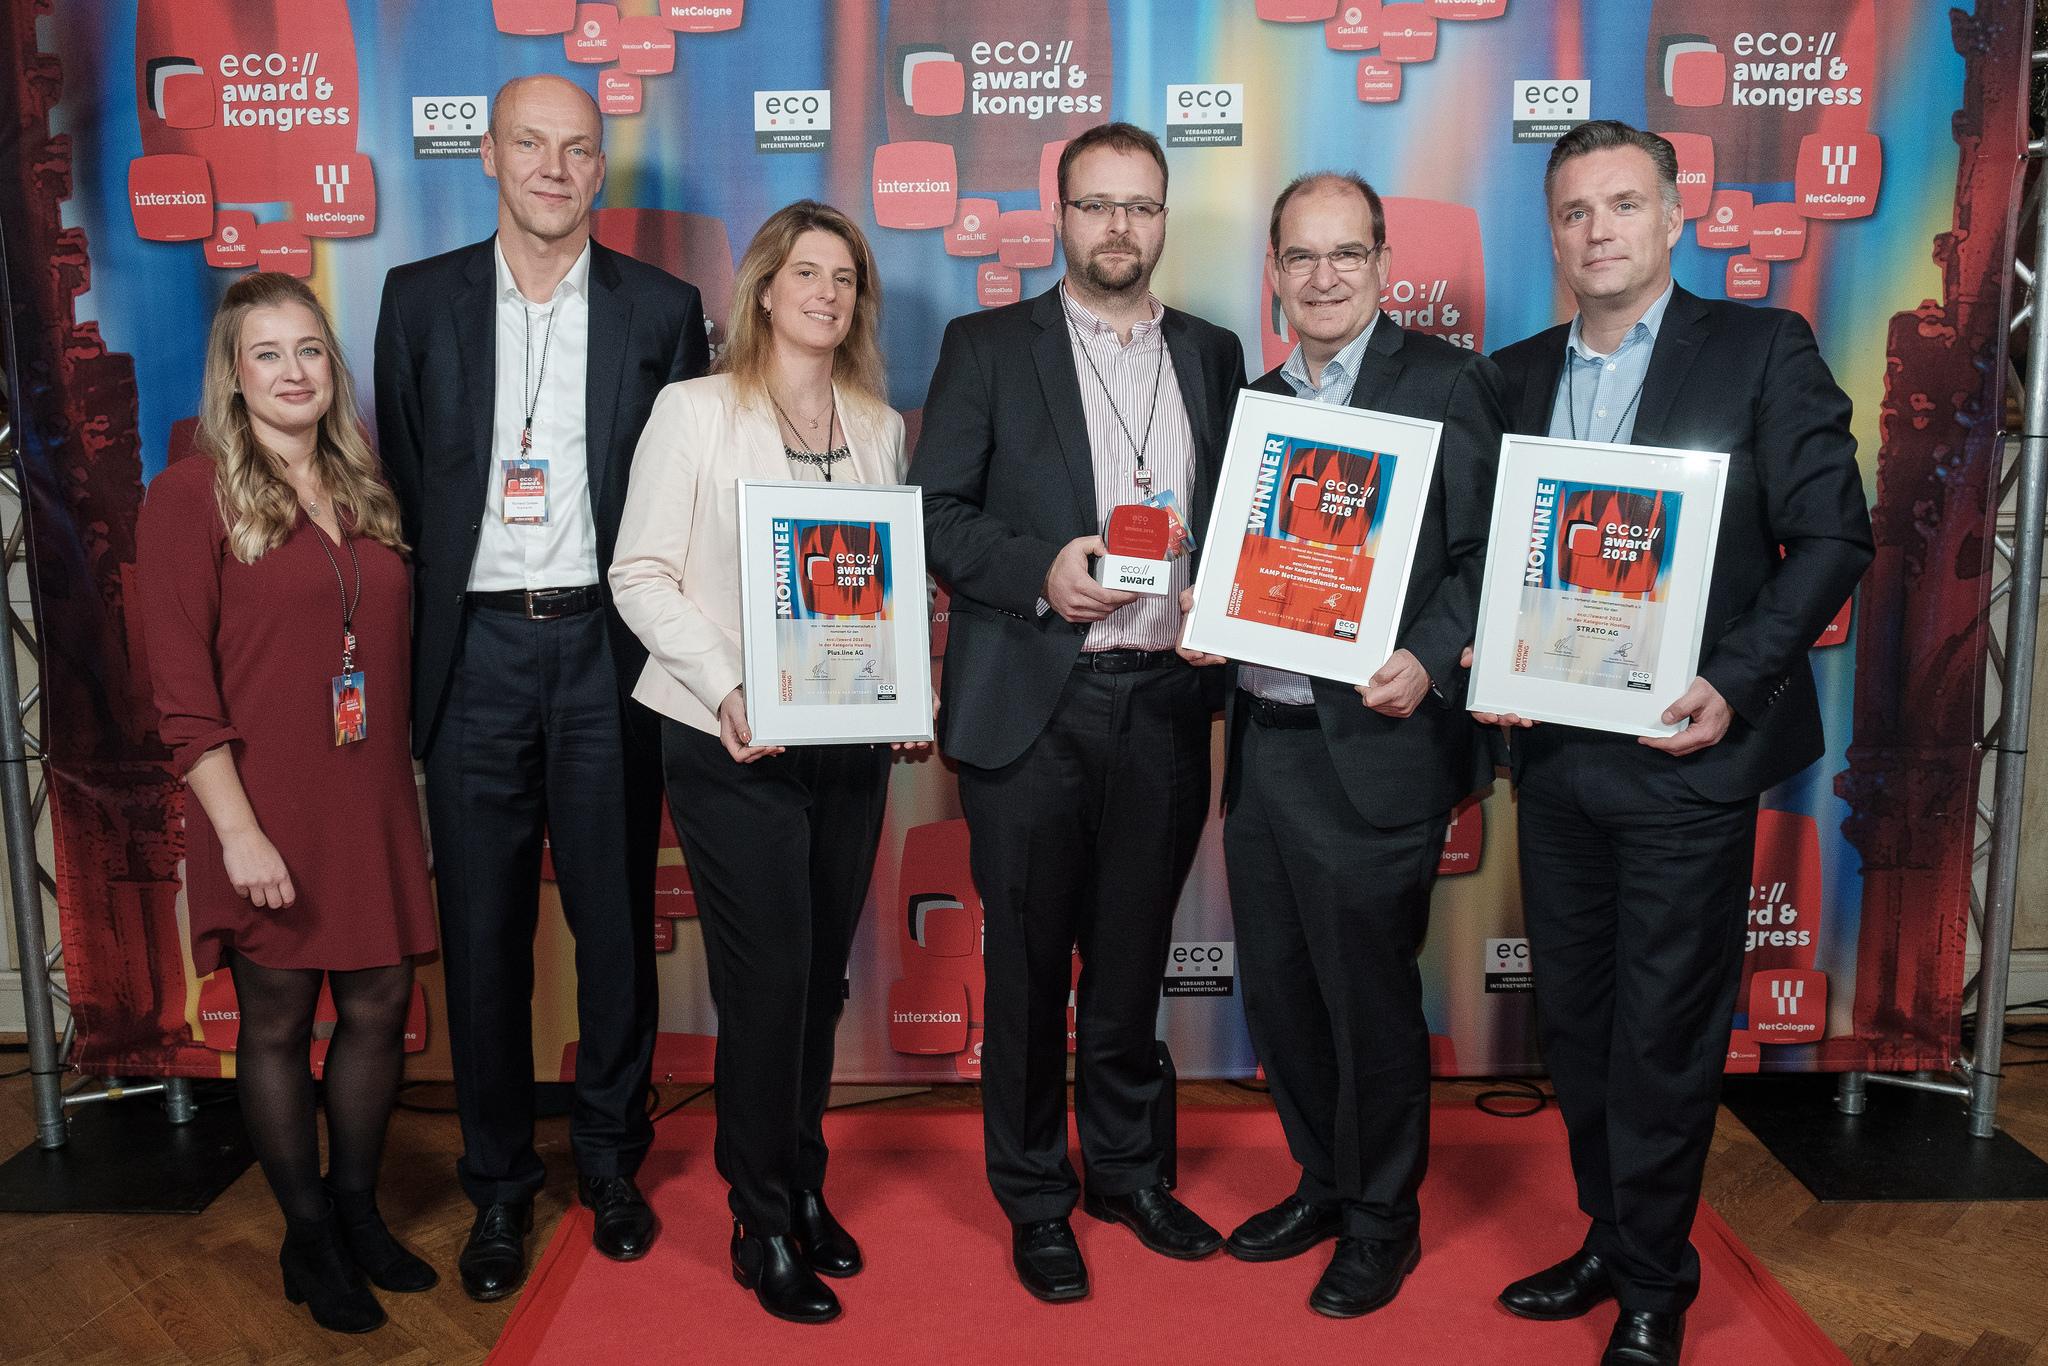 eco://kongress & eco:awards: Gemeinsam die digitale Zukunft gestalten 31